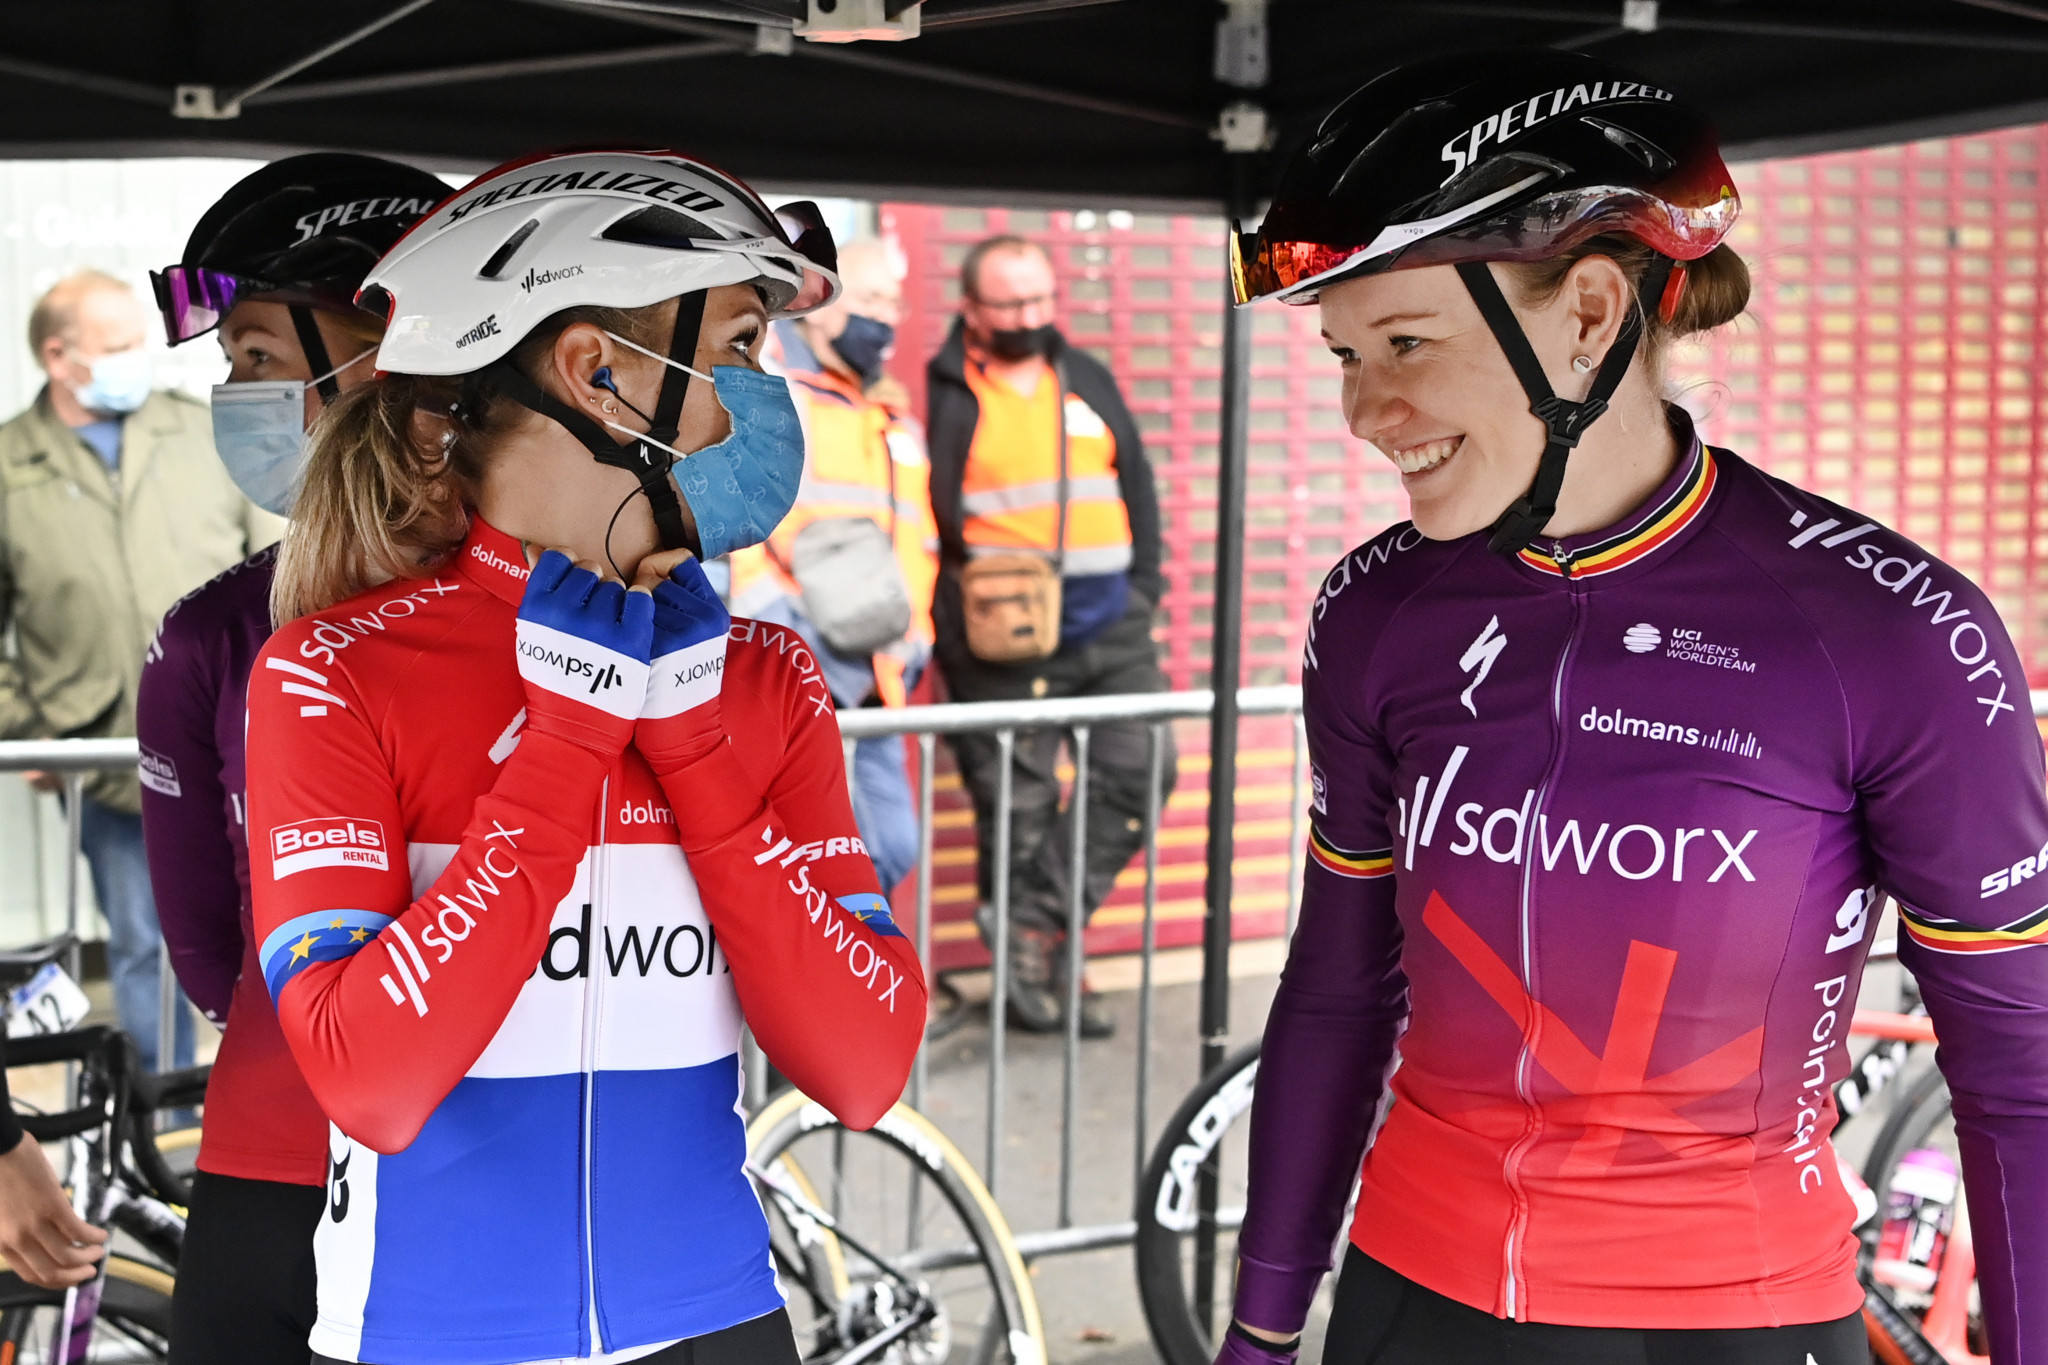 Ronde van Drenthe set to conclude UCI Women's WorldTour season